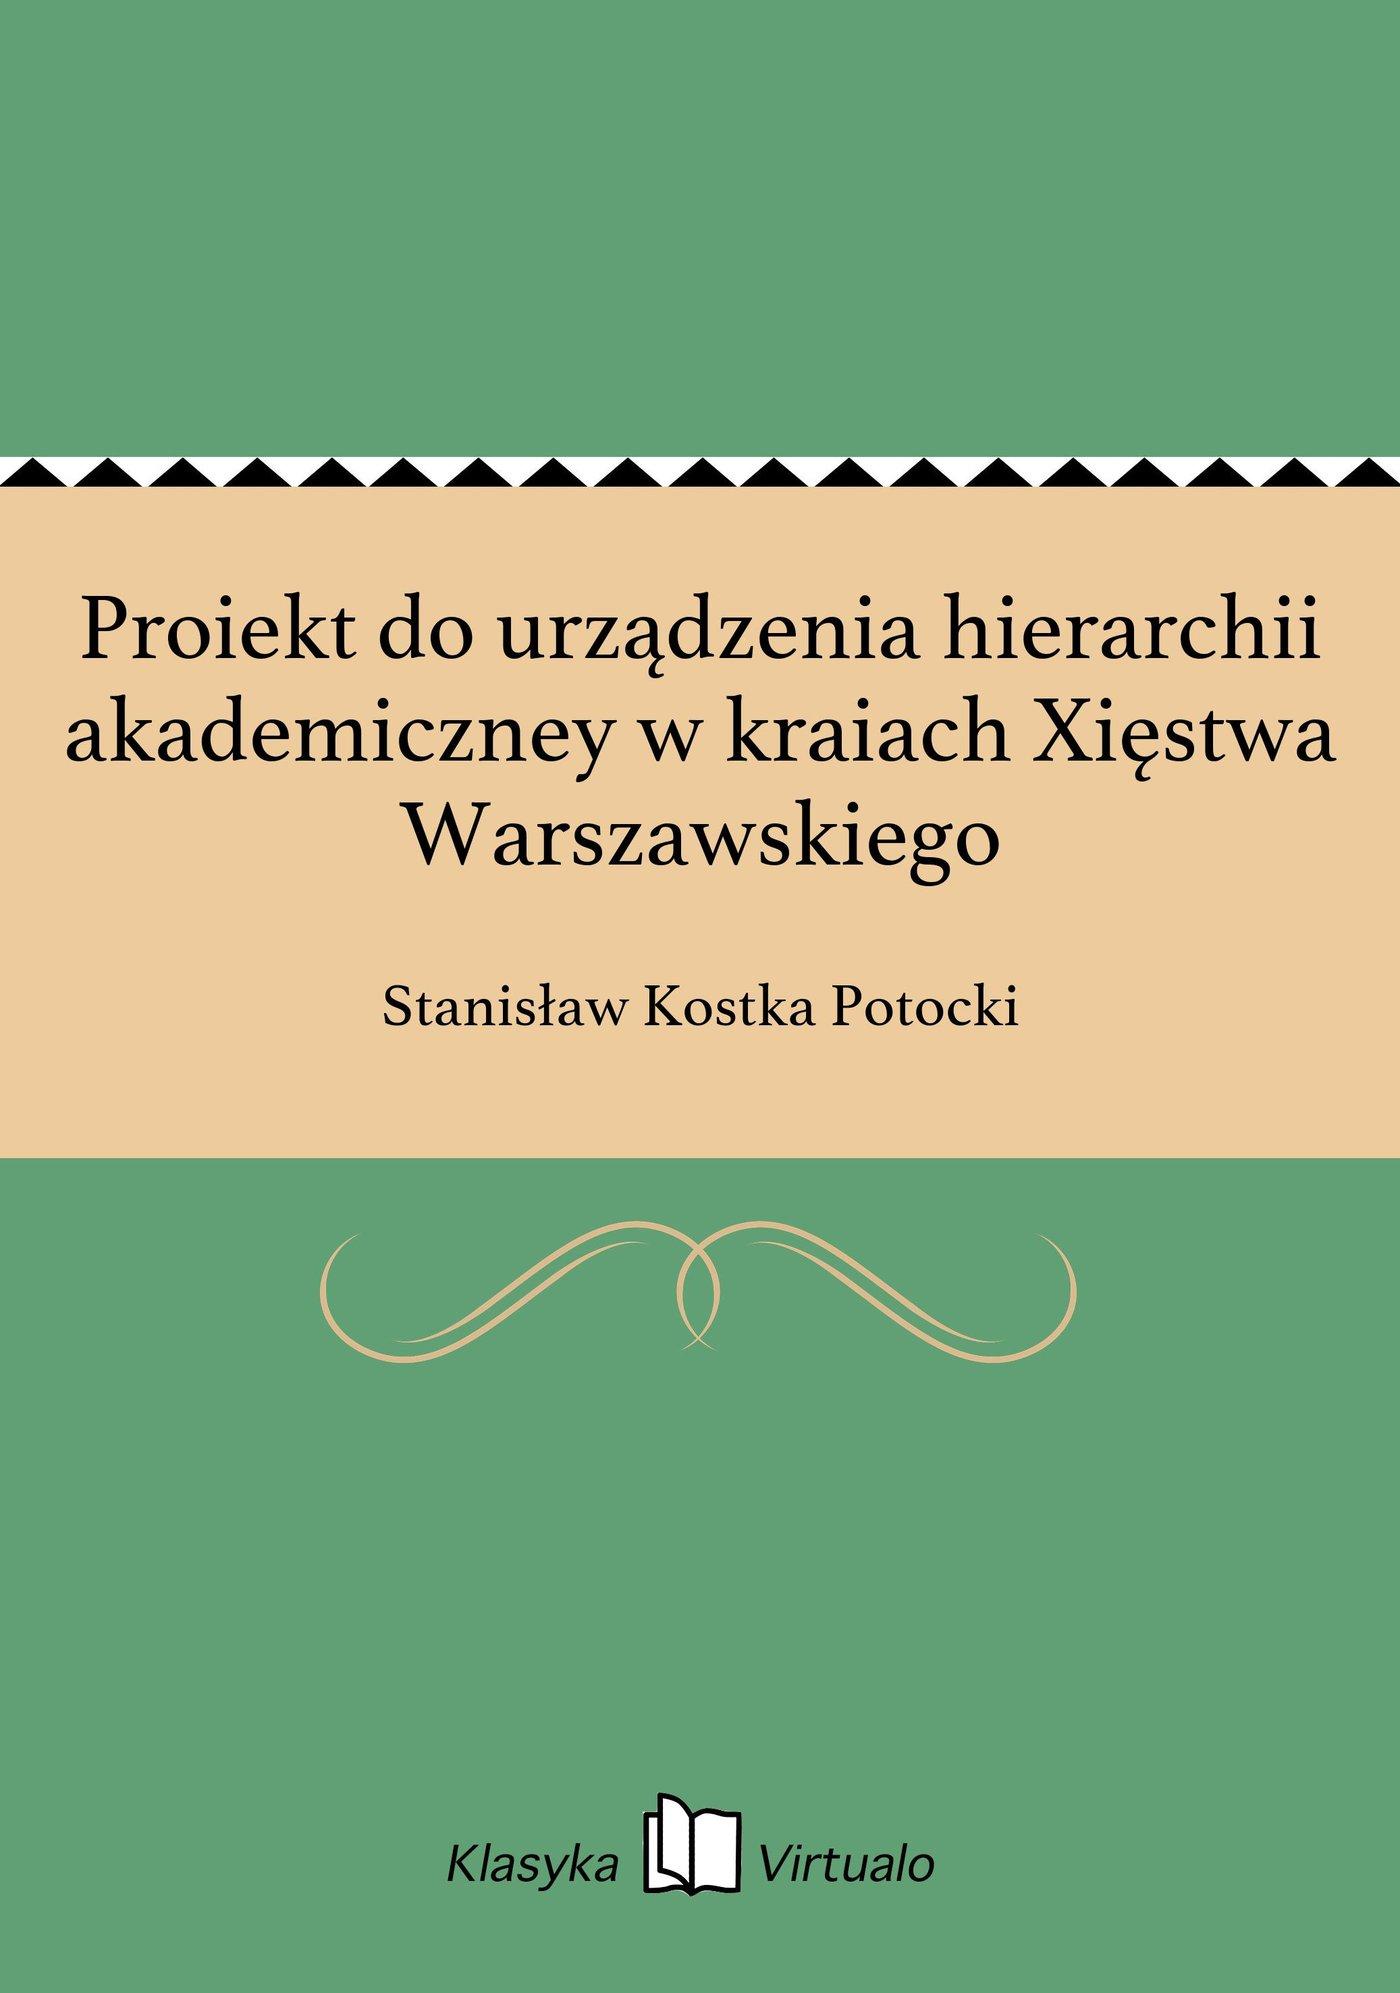 Proiekt do urządzenia hierarchii akademiczney w kraiach Xięstwa Warszawskiego - Ebook (Książka EPUB) do pobrania w formacie EPUB